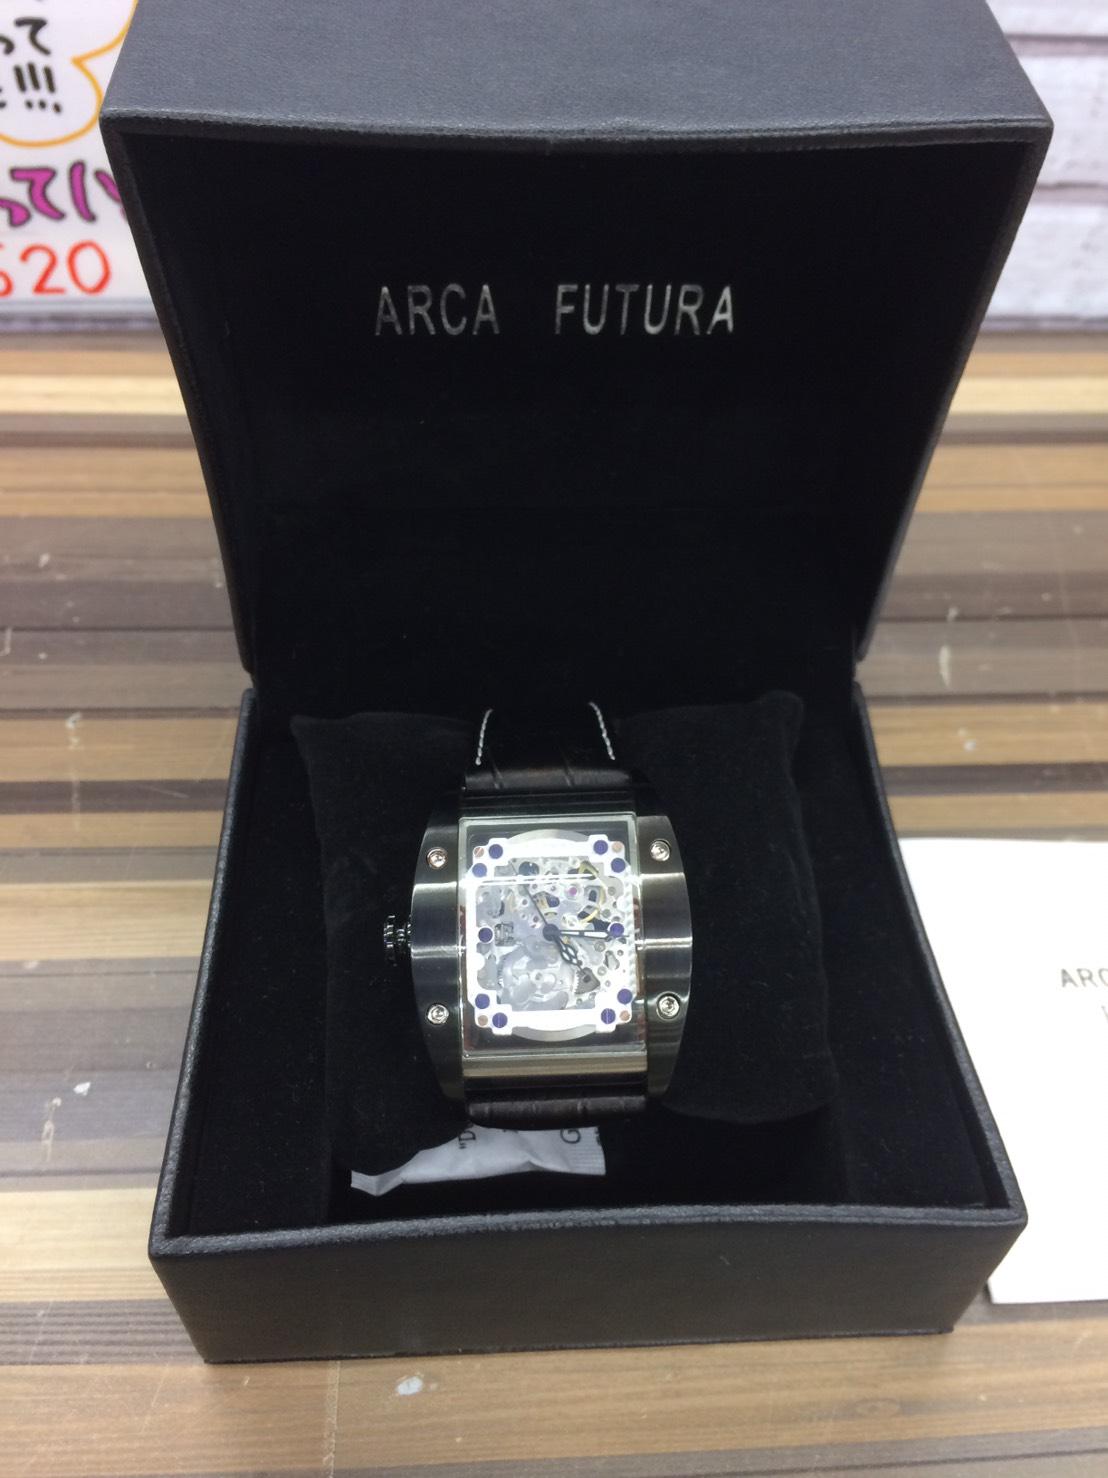 珍しい一品です!!【ARCA FUTURA 自動巻き 腕時計 スケルトンタイプ】を買取致しました。の買取-